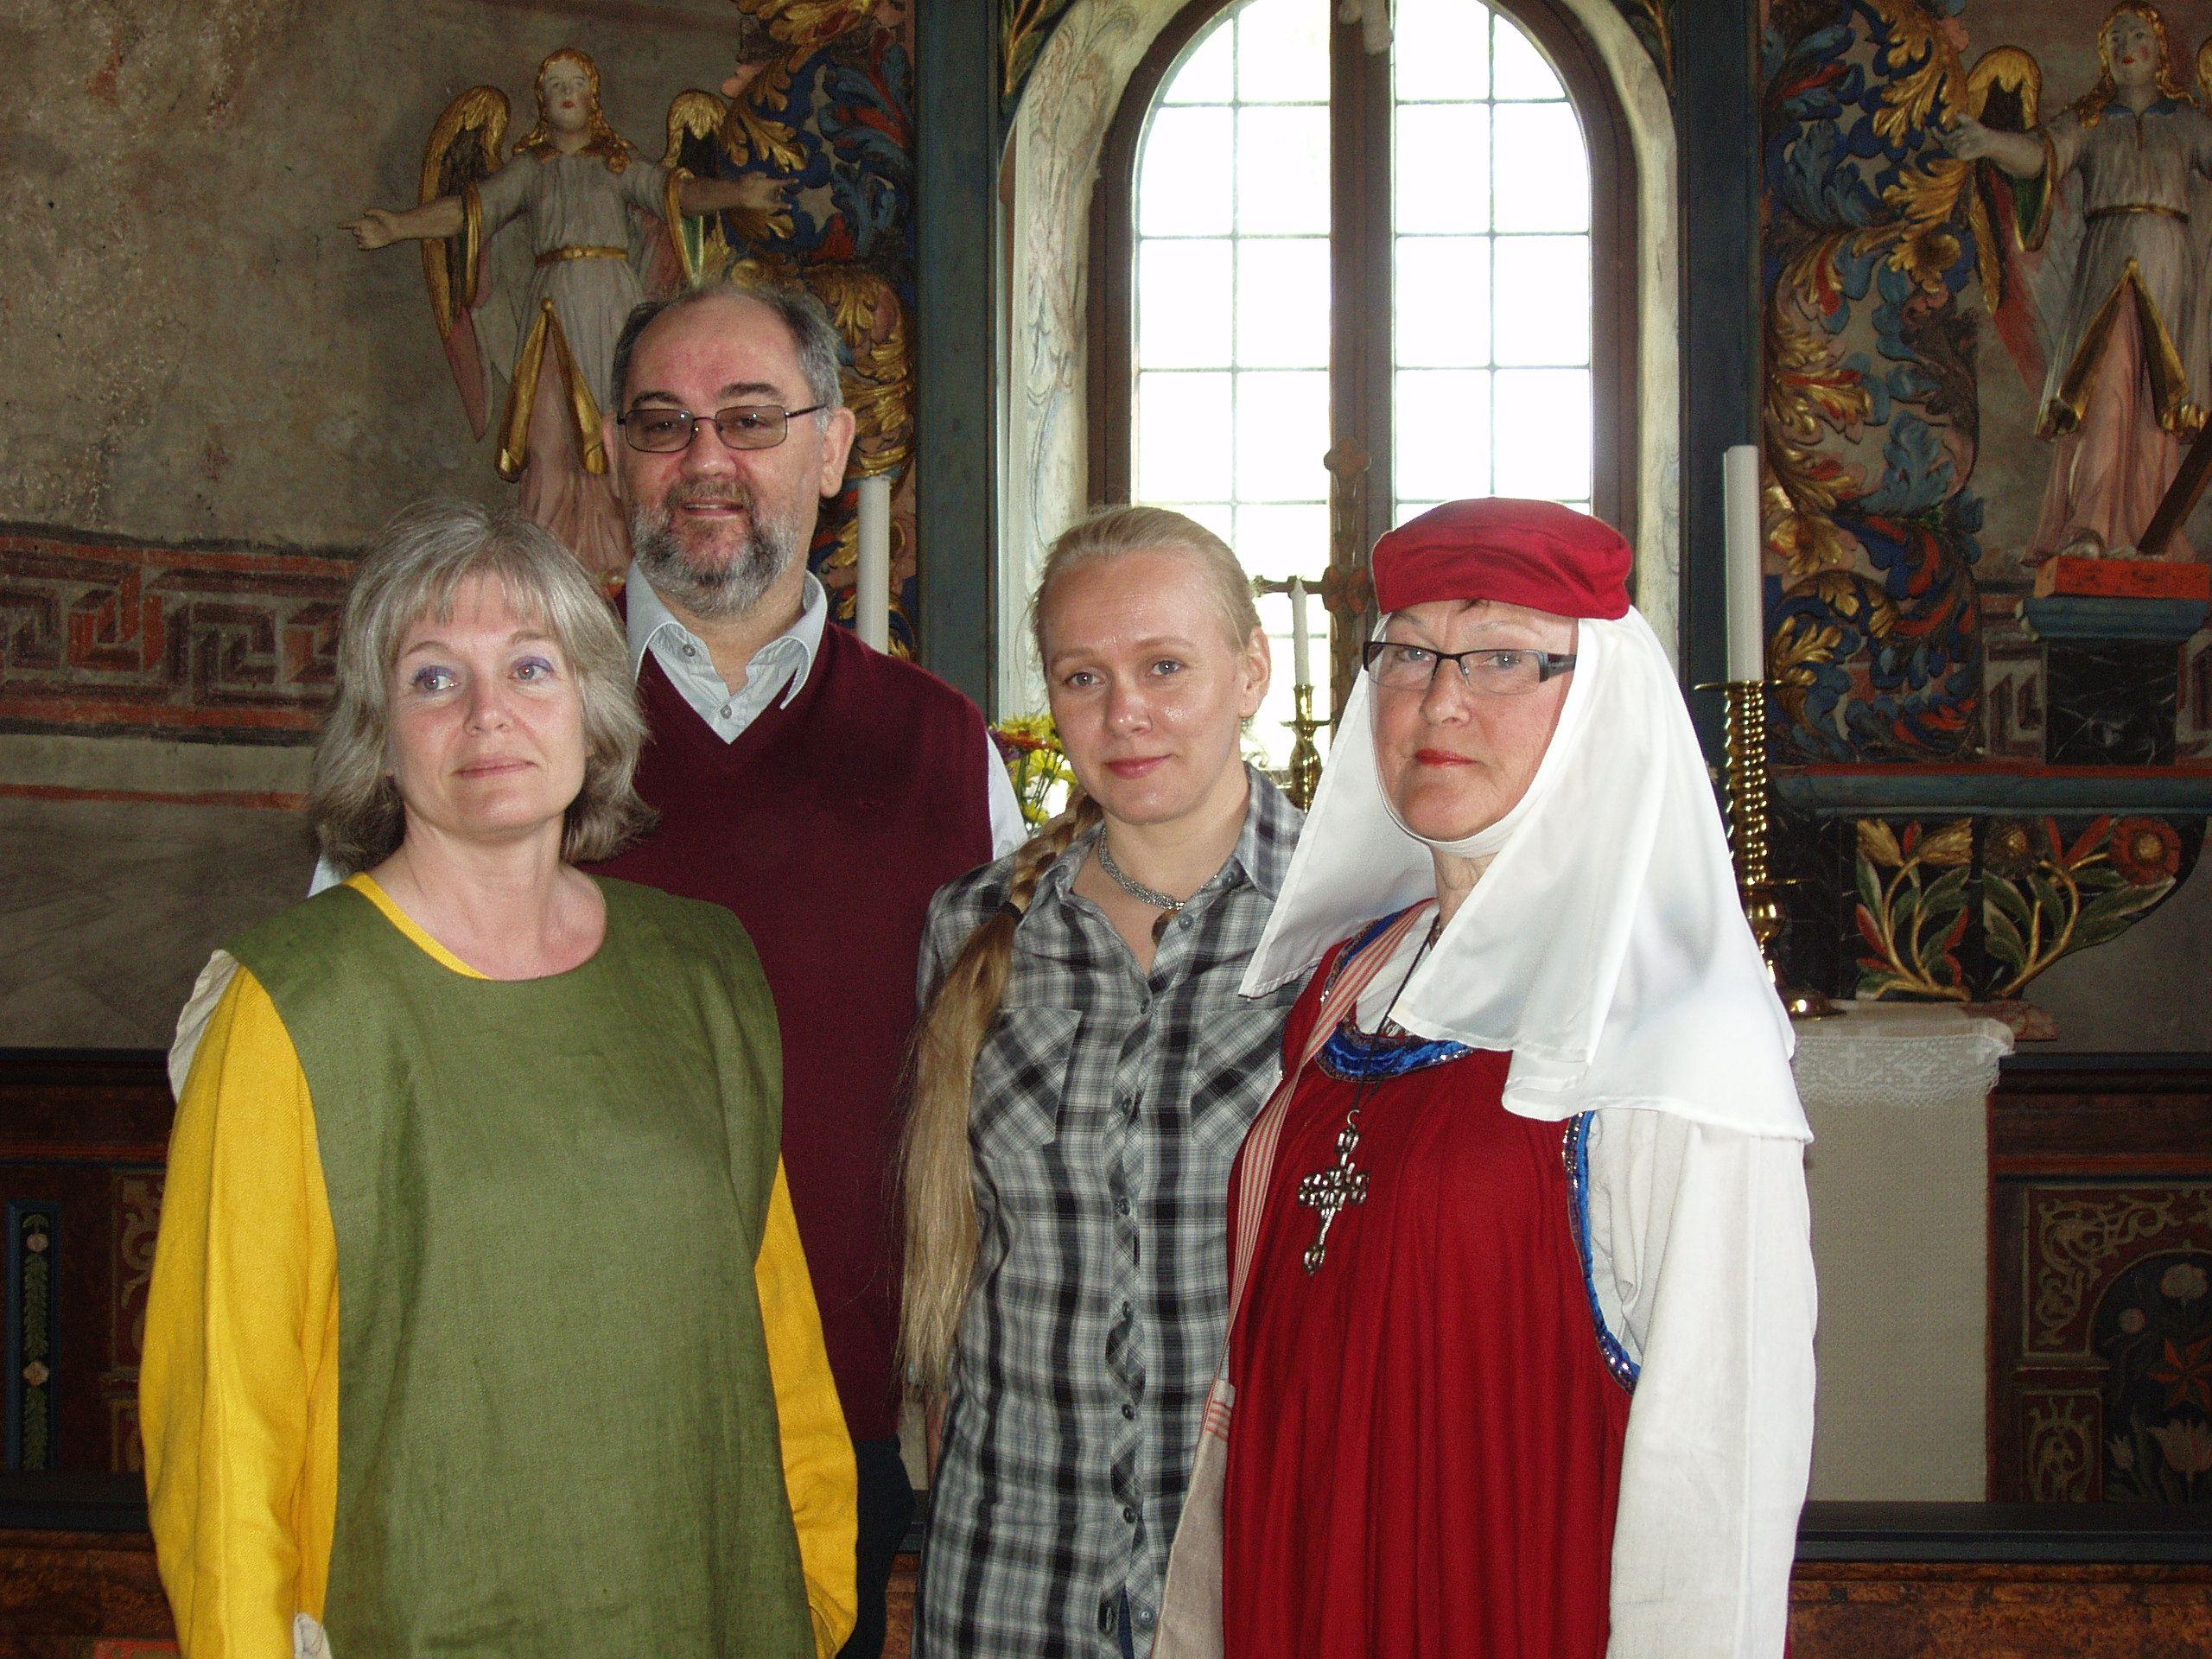 Natur, kultur & kyrkovandringar